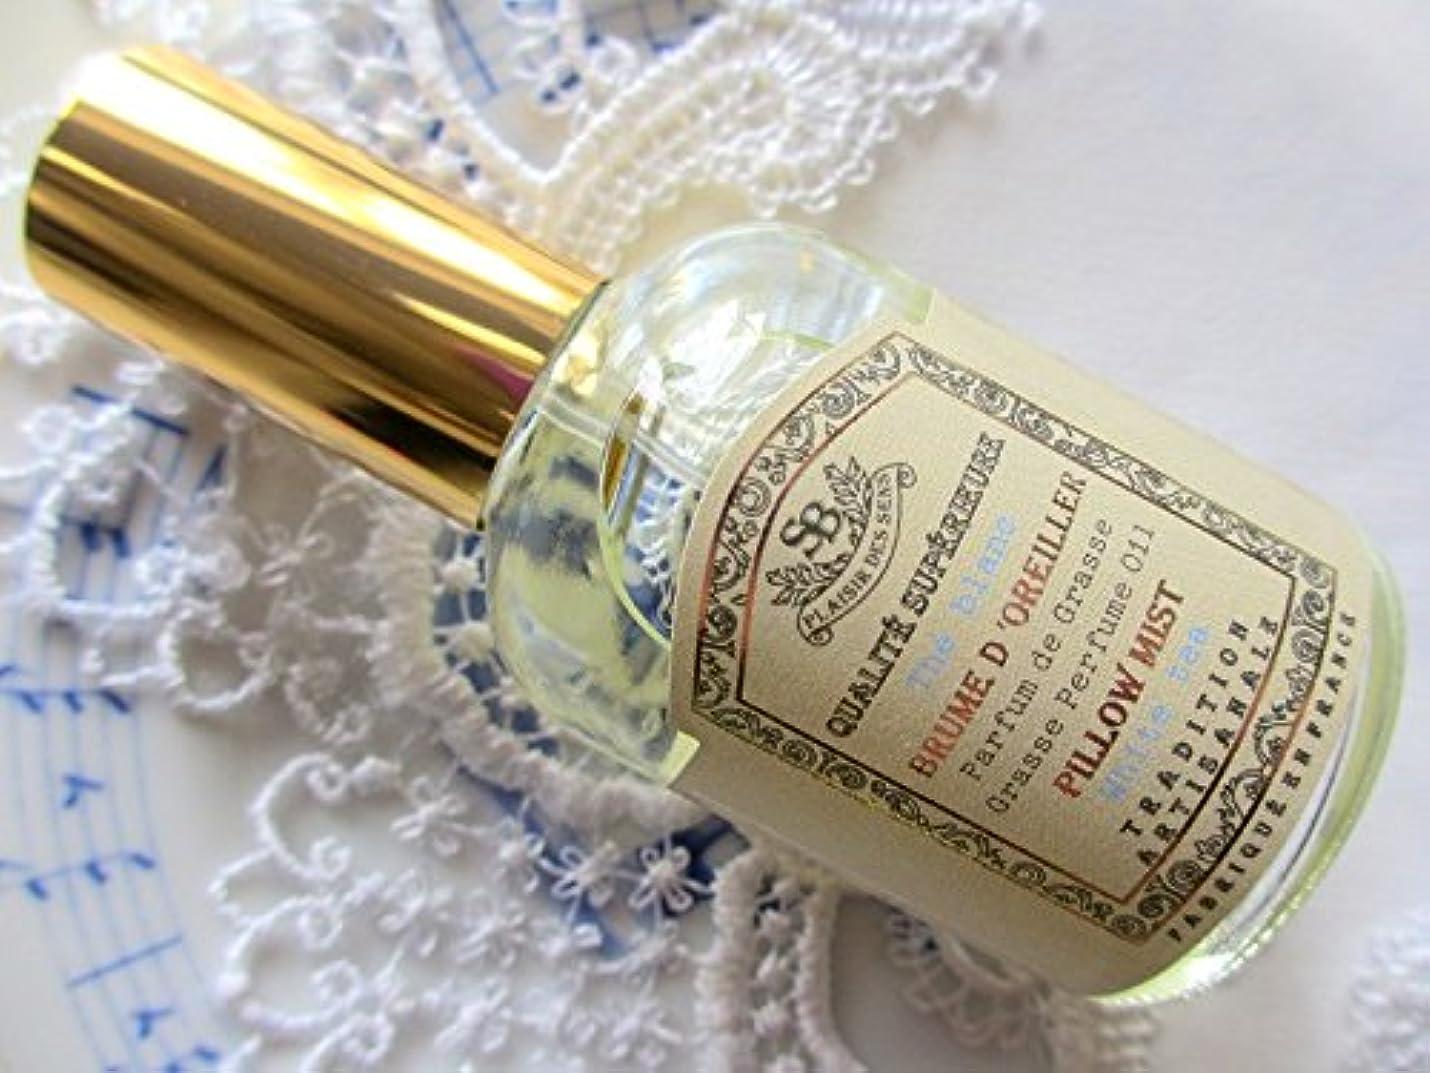 下位ねばねばダイアクリティカルSenteur et Beaute(サンタールエボーテ) French classic(フレンチクラシックシリーズ) ピローミスト 50ml 「ホワイトティー」 4994228024350